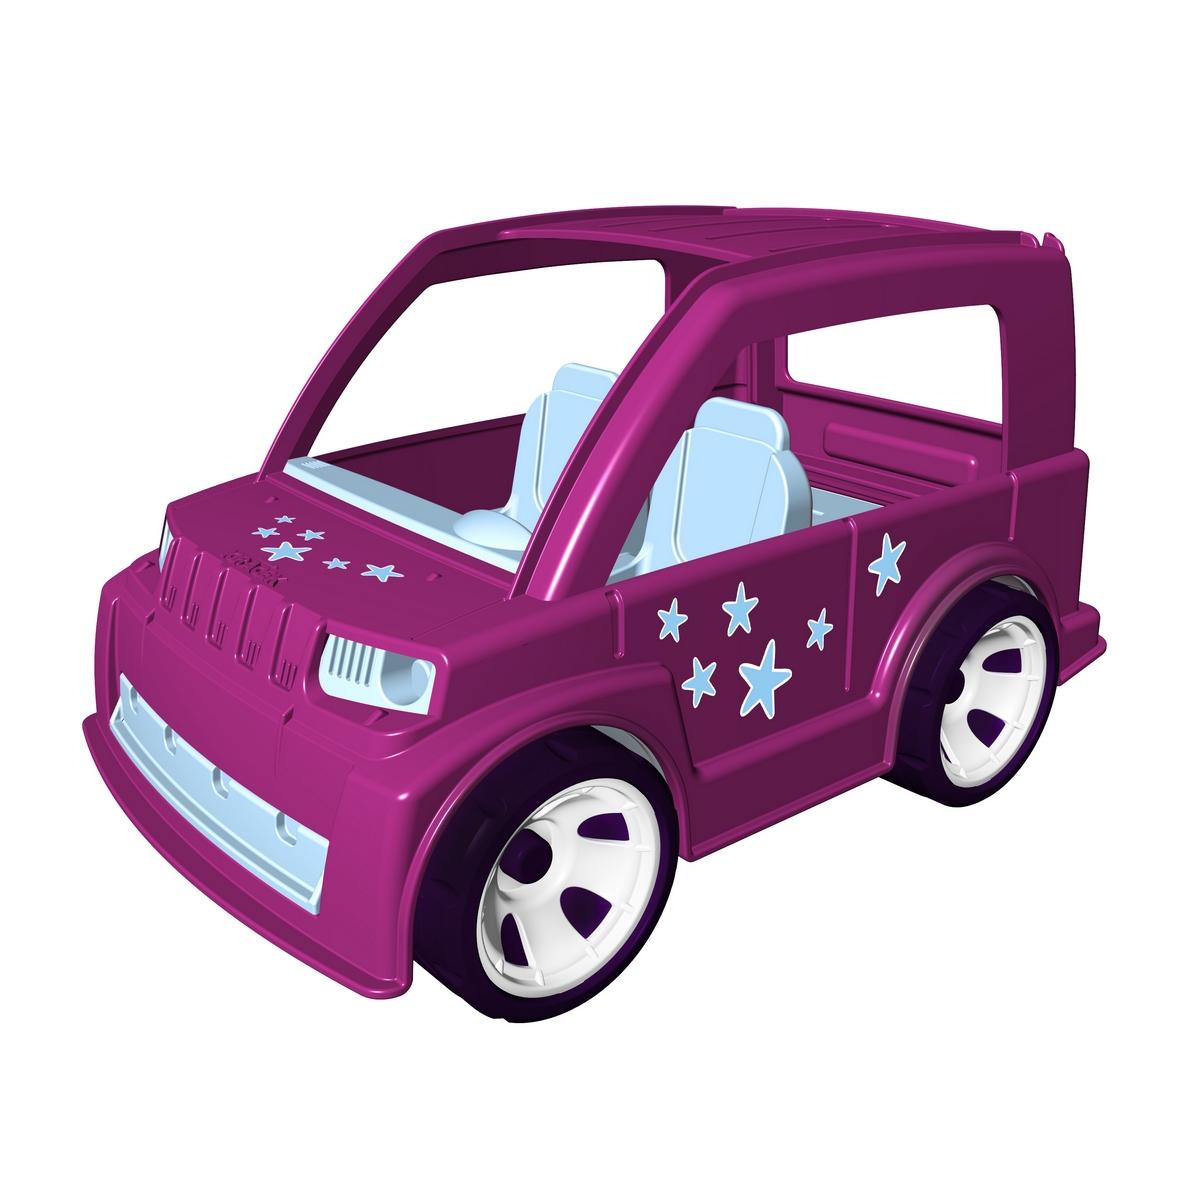 MultiGo Автомобиль с девочкой-модницей23220Автомобиль MultiGo внесет разнообразие в игры с машинками, позволяя придумывать новые сюжеты. Поездка загород, путешествия или просто в магазин - отличная машина для всех этих действий! Идеальная машина! Багажник открывается и в нем достаточно места для перевозки модных покупок! Колеса машинки свободно вращаются. Кабина имеет два посадочных места для двух фигурок. Фигурка может наклоняться, руки фигурки поднимаются и опускаются, голова поворачивается. Волосы съемные, их можно менять с другими фигурками. Специальная система MultiGo позволяет детям легко менять и добавлять различные игровые аксессуары. Одна игрушка легко преобразуется в другую. Сделайте вашему ребенку такой замечательный подарок!